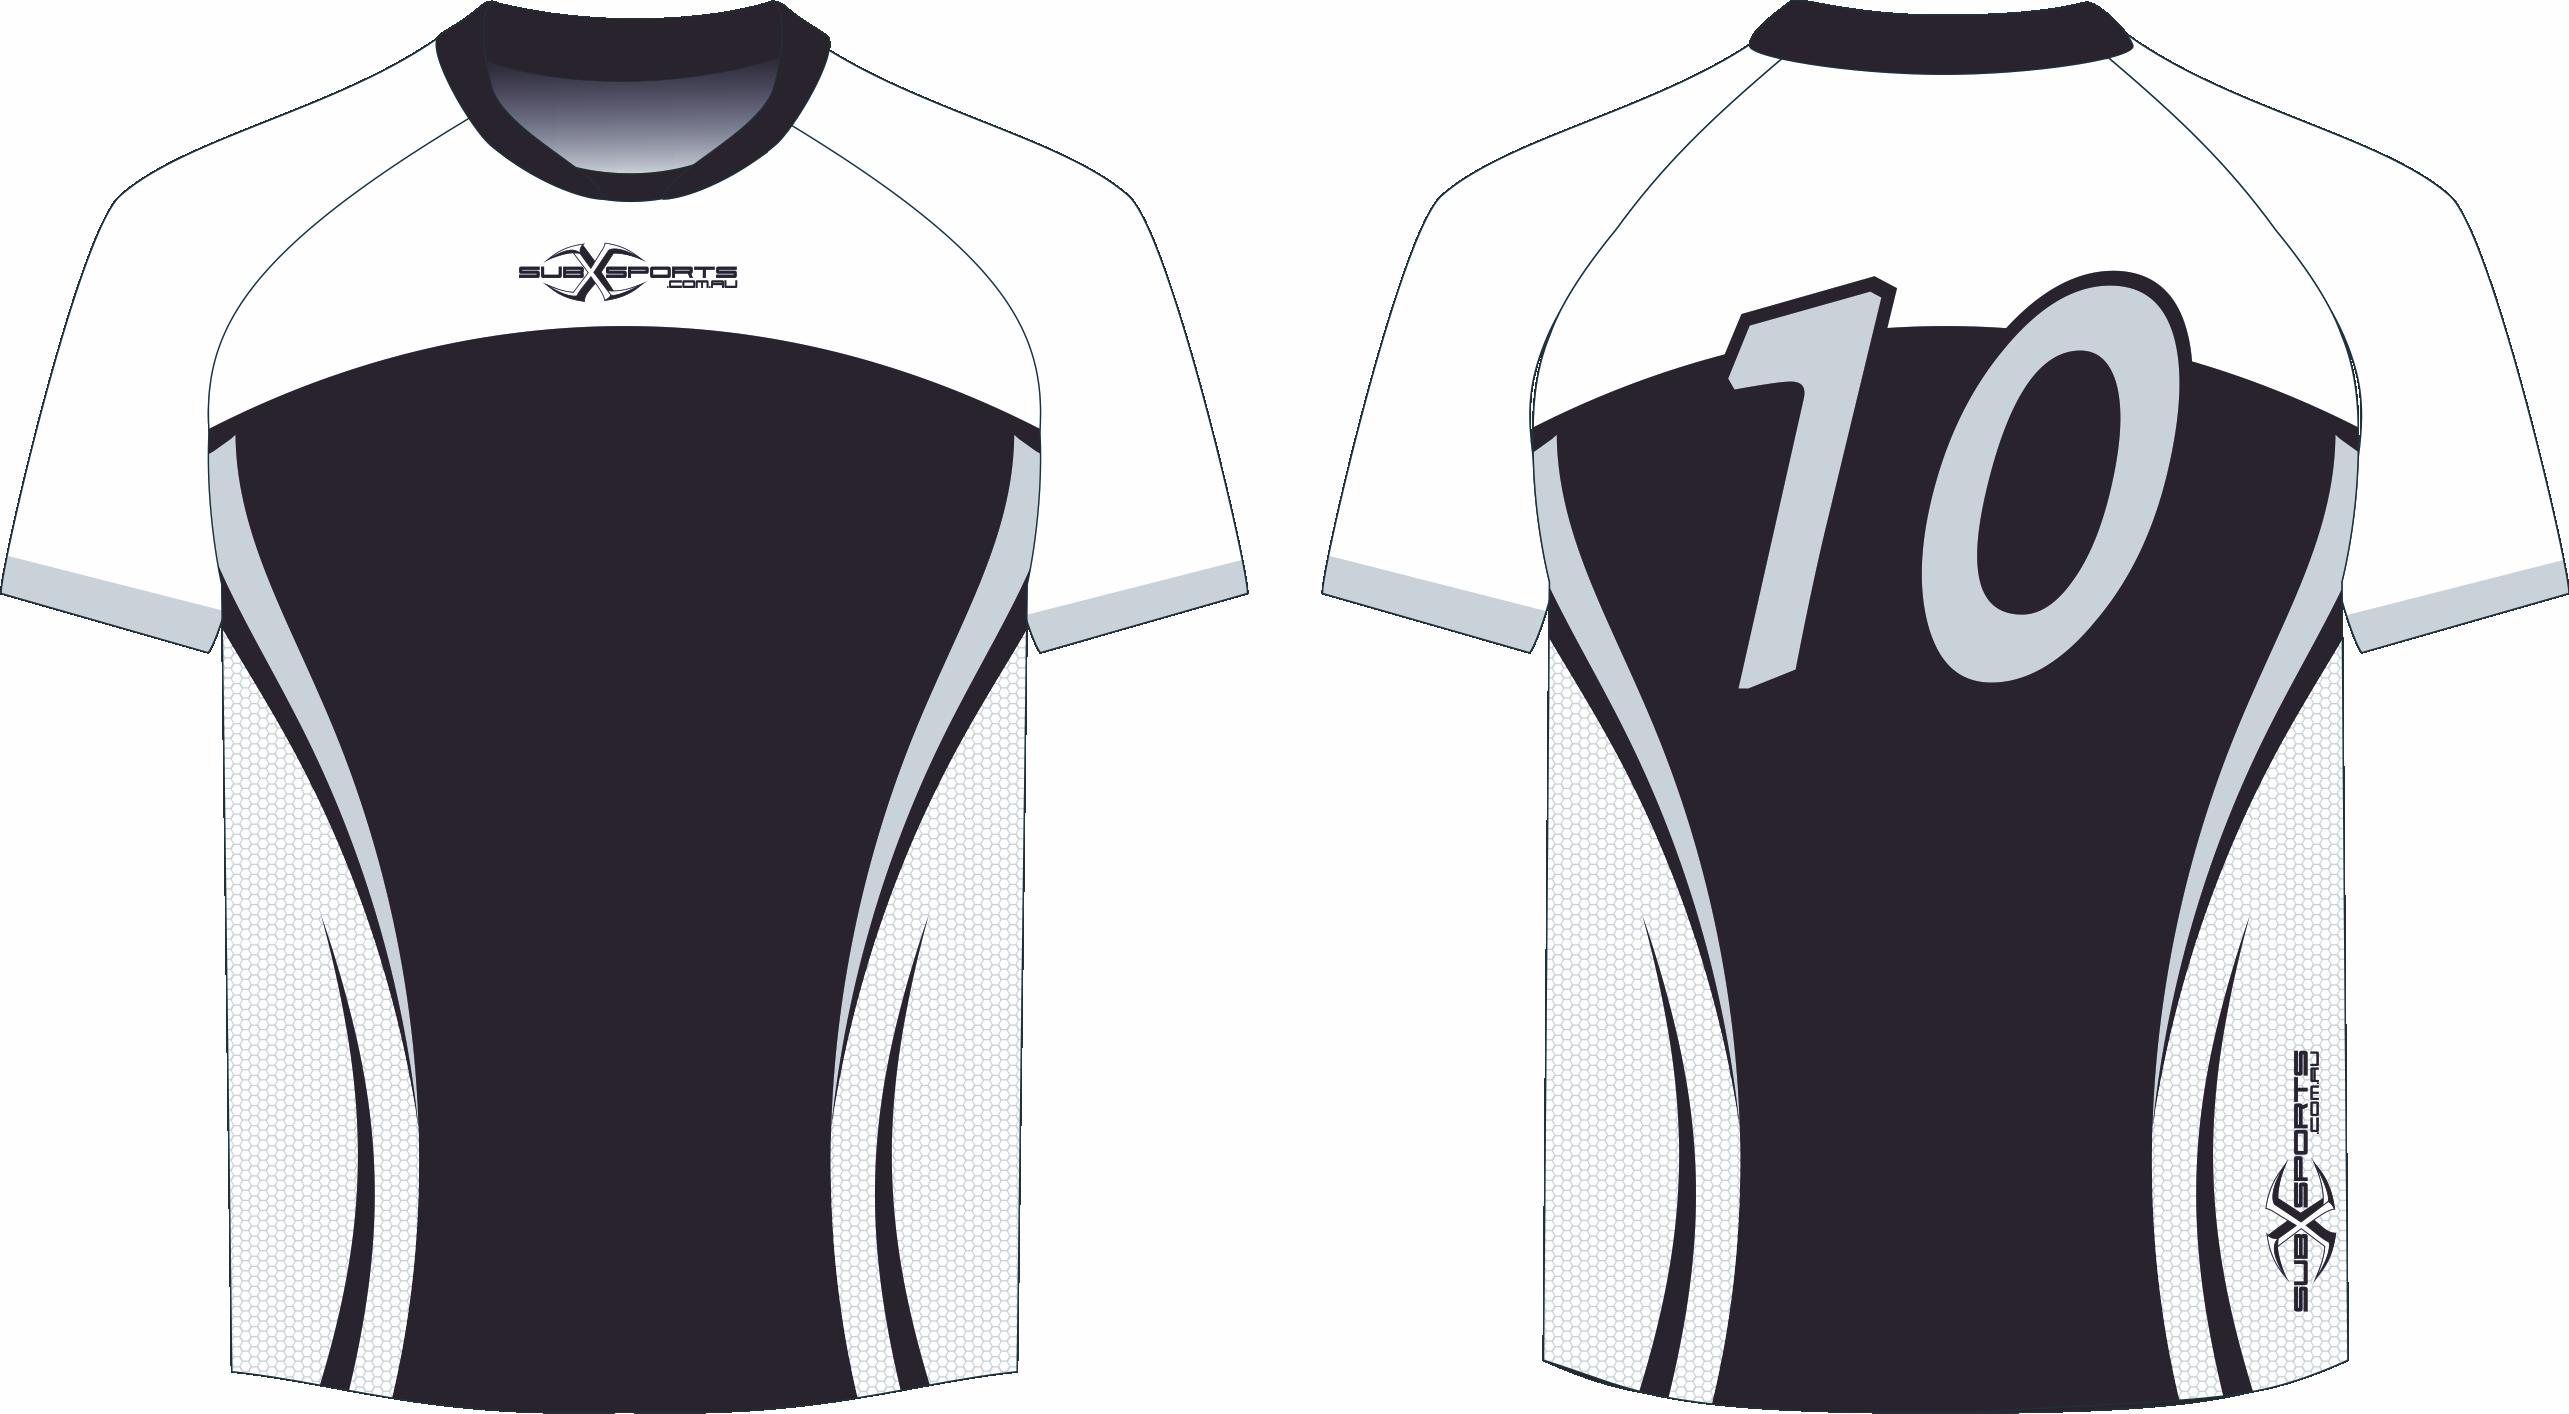 X302XJ Jersey Black White Silver.png